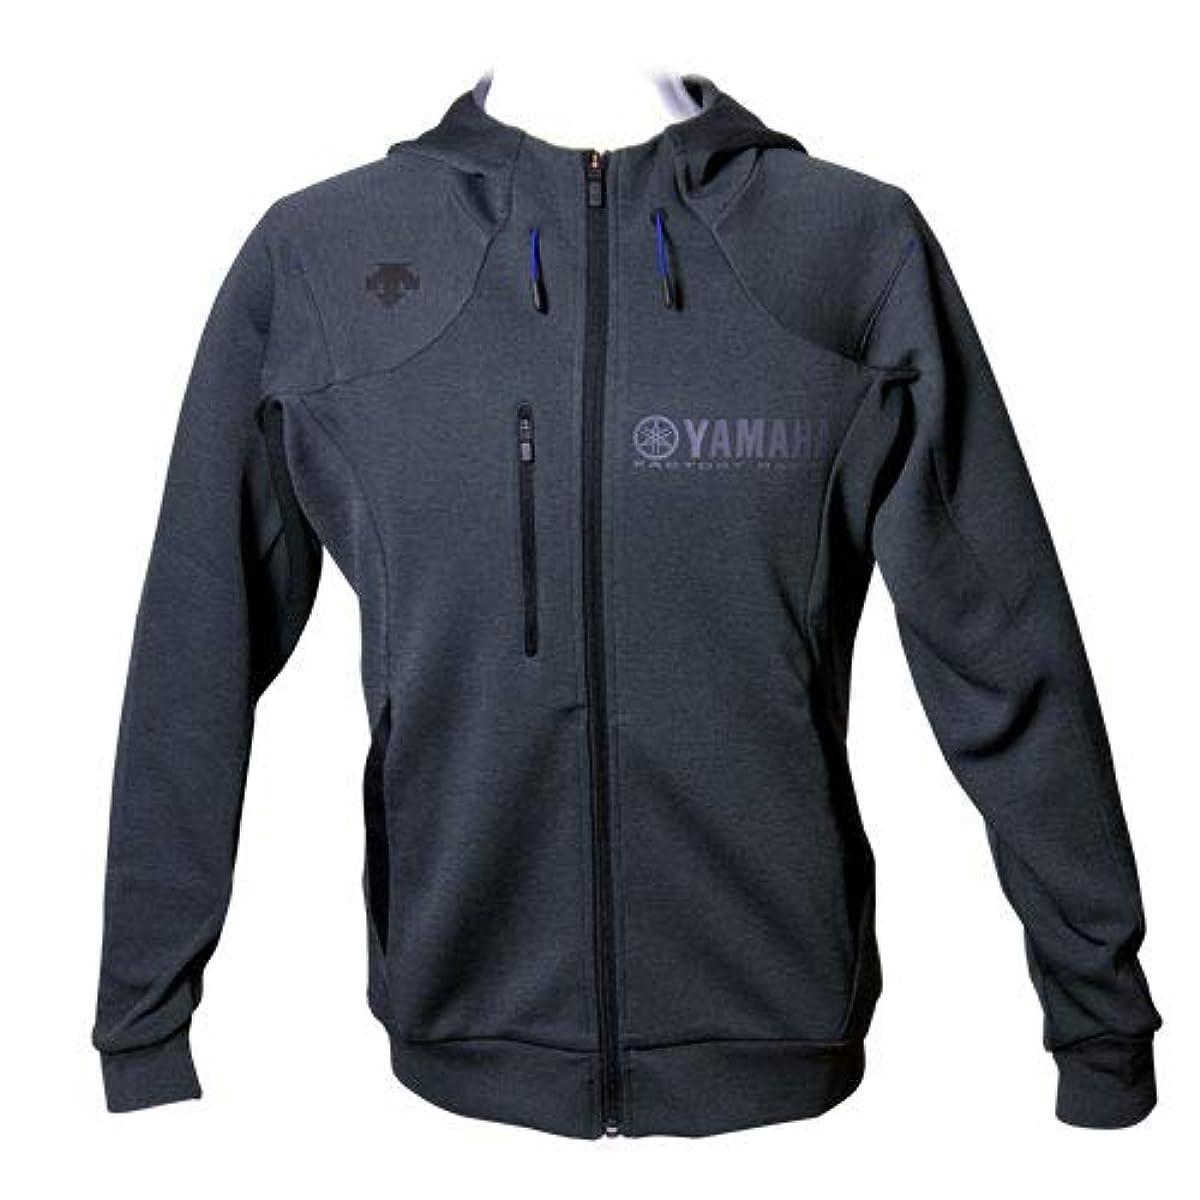 [해외] 야마하X데상트 레이싱 스웨터 재킷 2색상